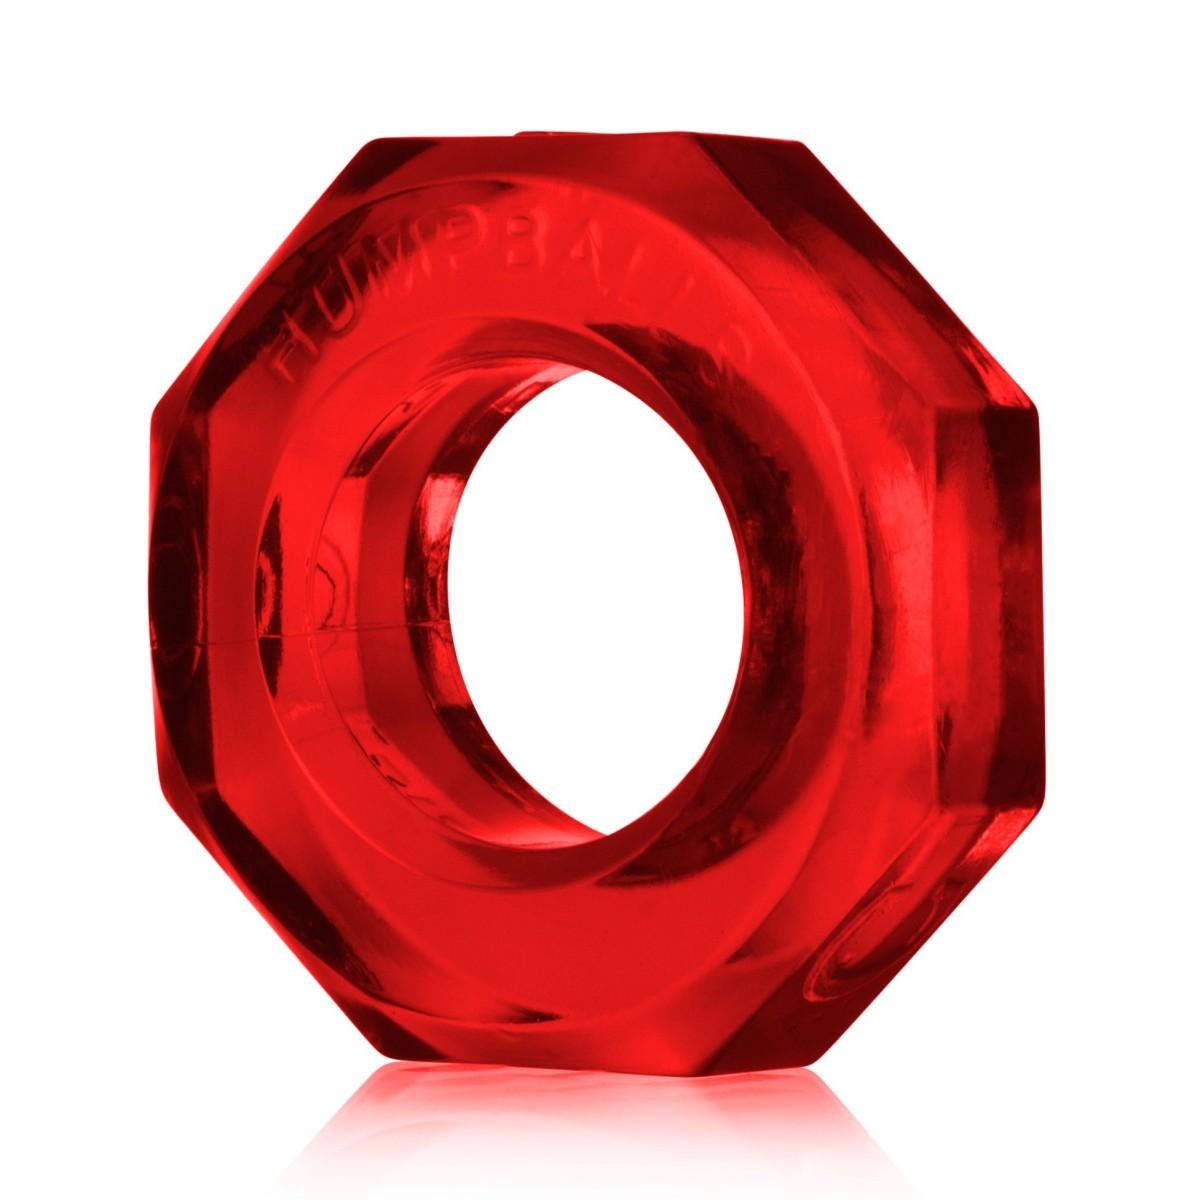 Erekční kroužek Oxballs Humpballs červený